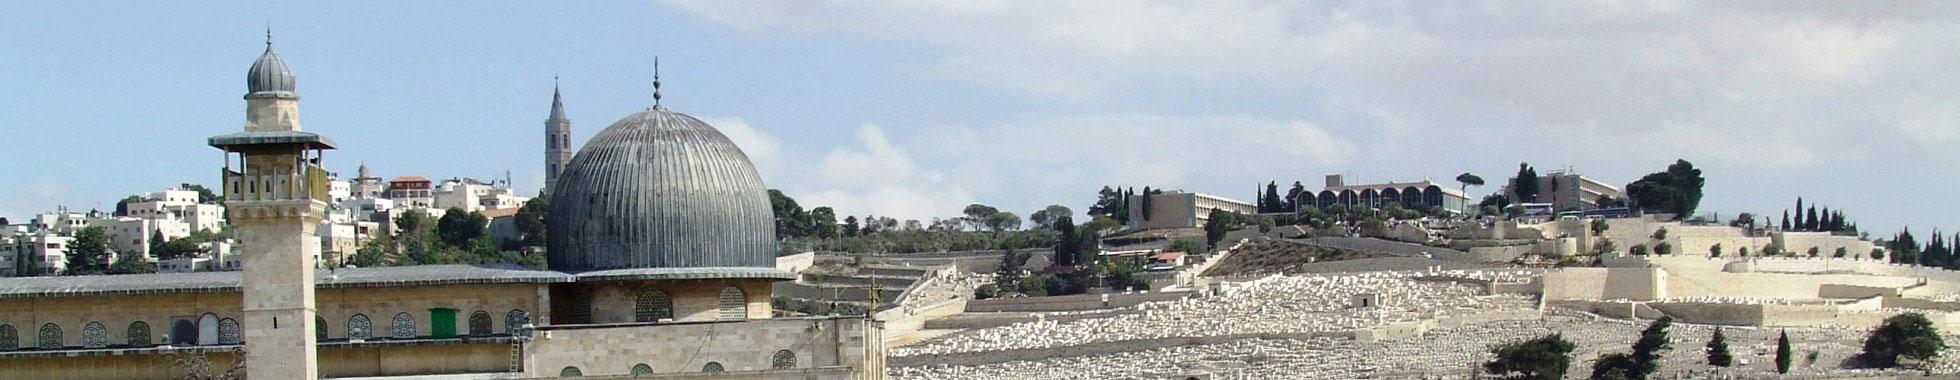 Jerusalem Mount of Olives - Tours from Ashdod Port